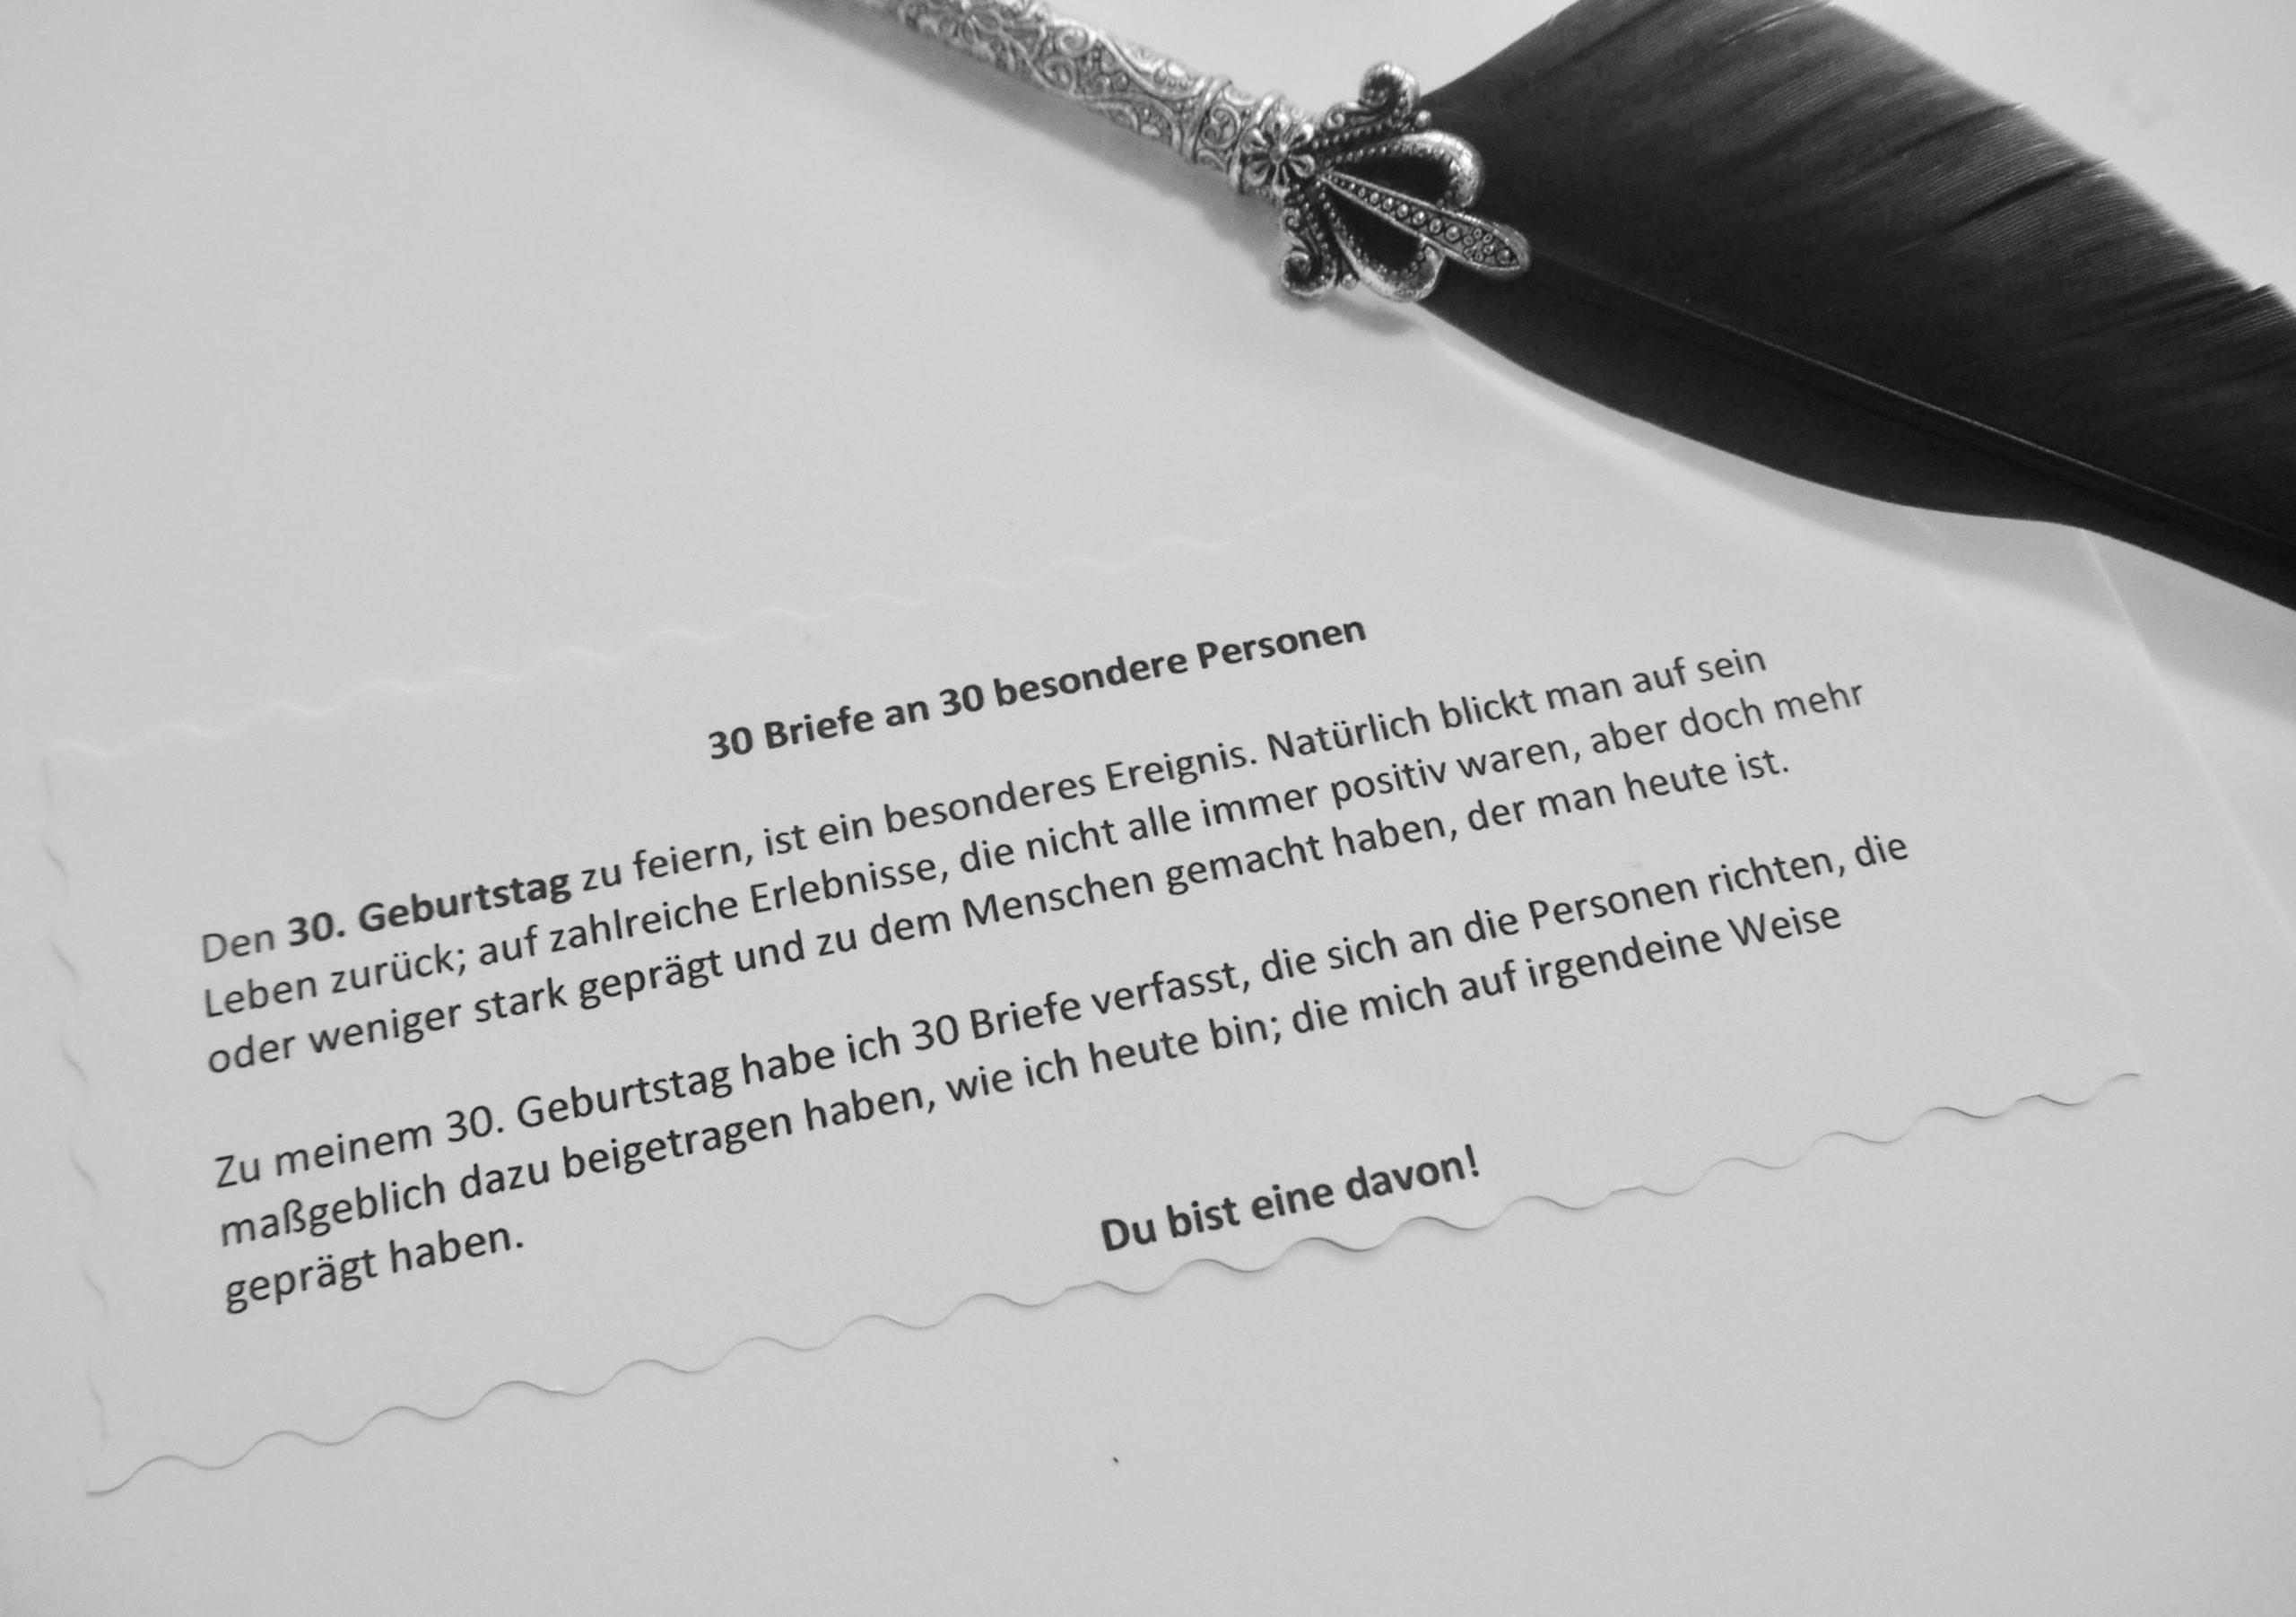 30 Briefe an 30 besondere Personen Aktion